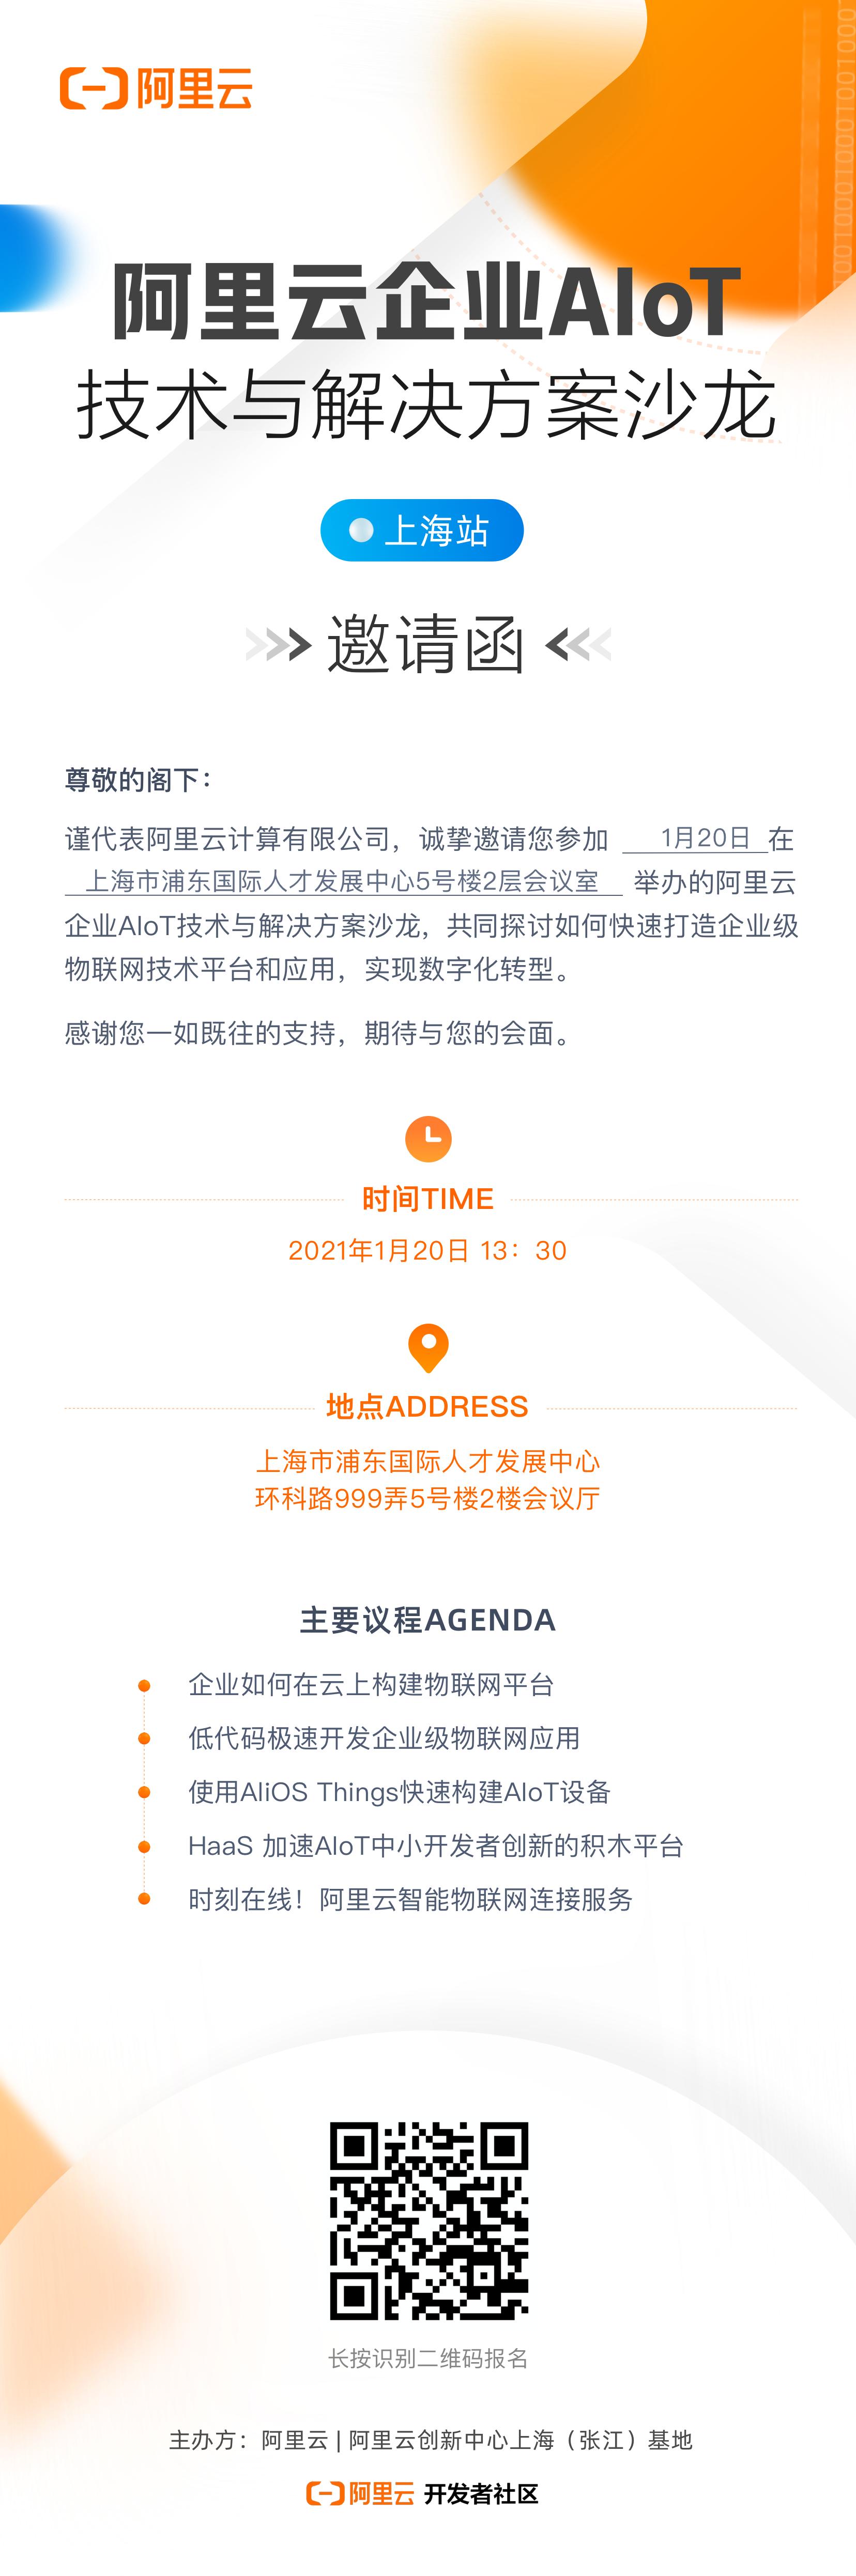 邀请函-上海.png